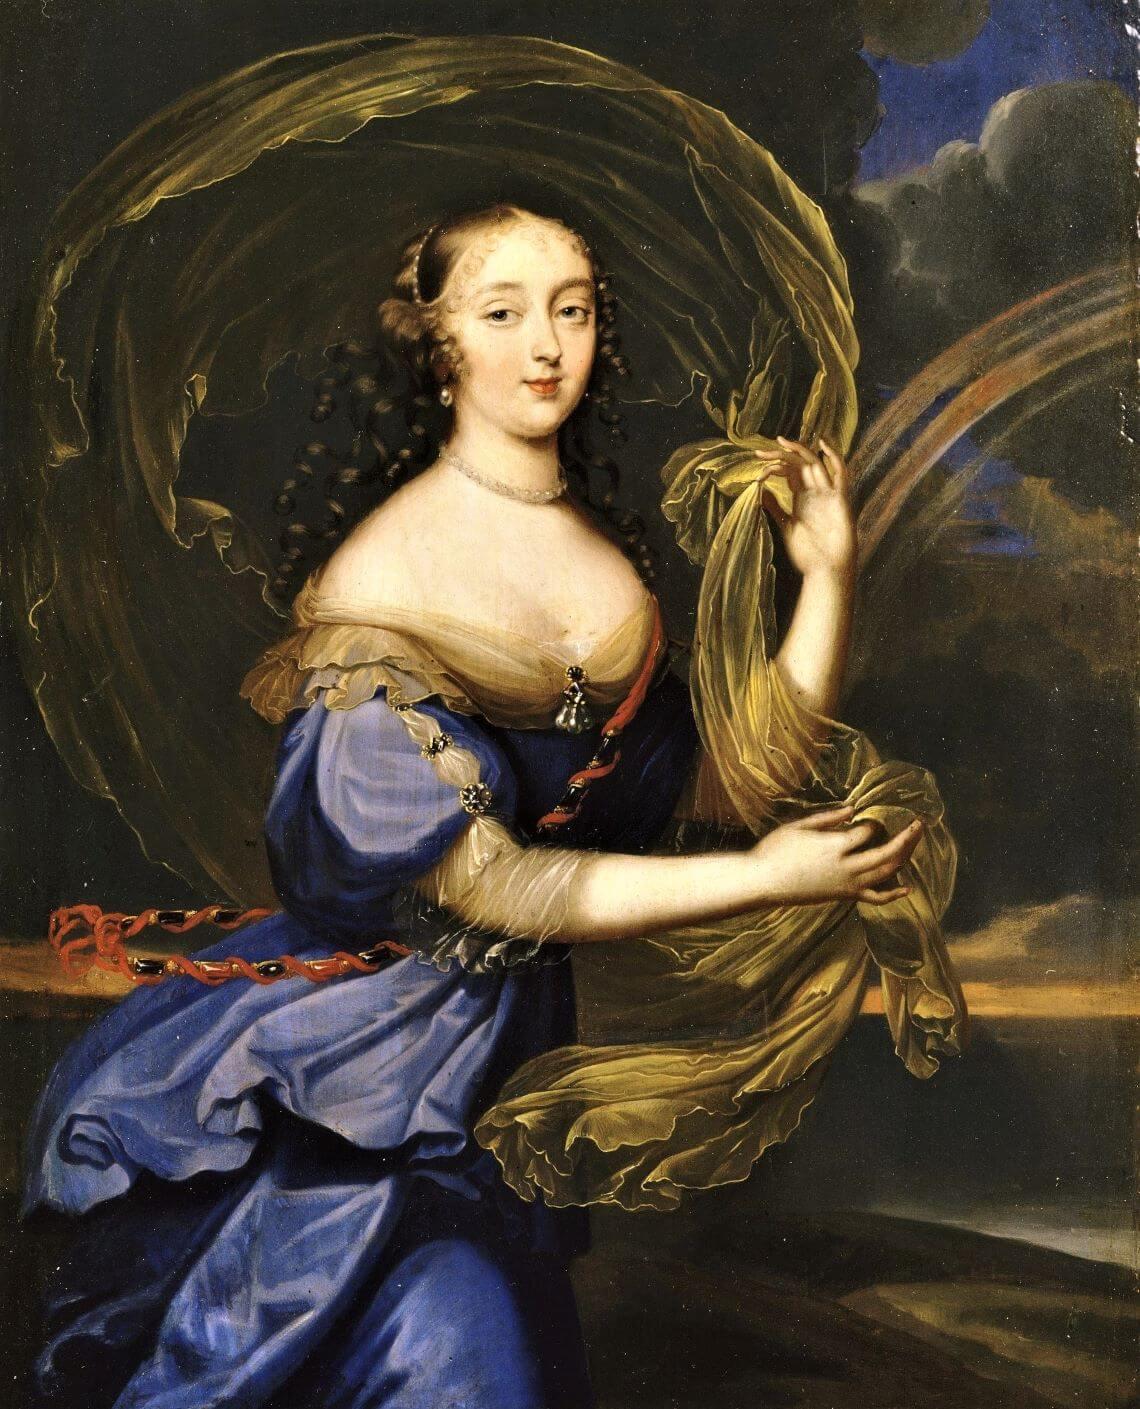 Inconnue en Iris (peut-être Françoise-Athénaïs de Rochechouart, marquise de Montespan), Anonyme dans le style de Louis Ferdinand Elle le jeune (1648-1717), (c) Wikimedia Commons.